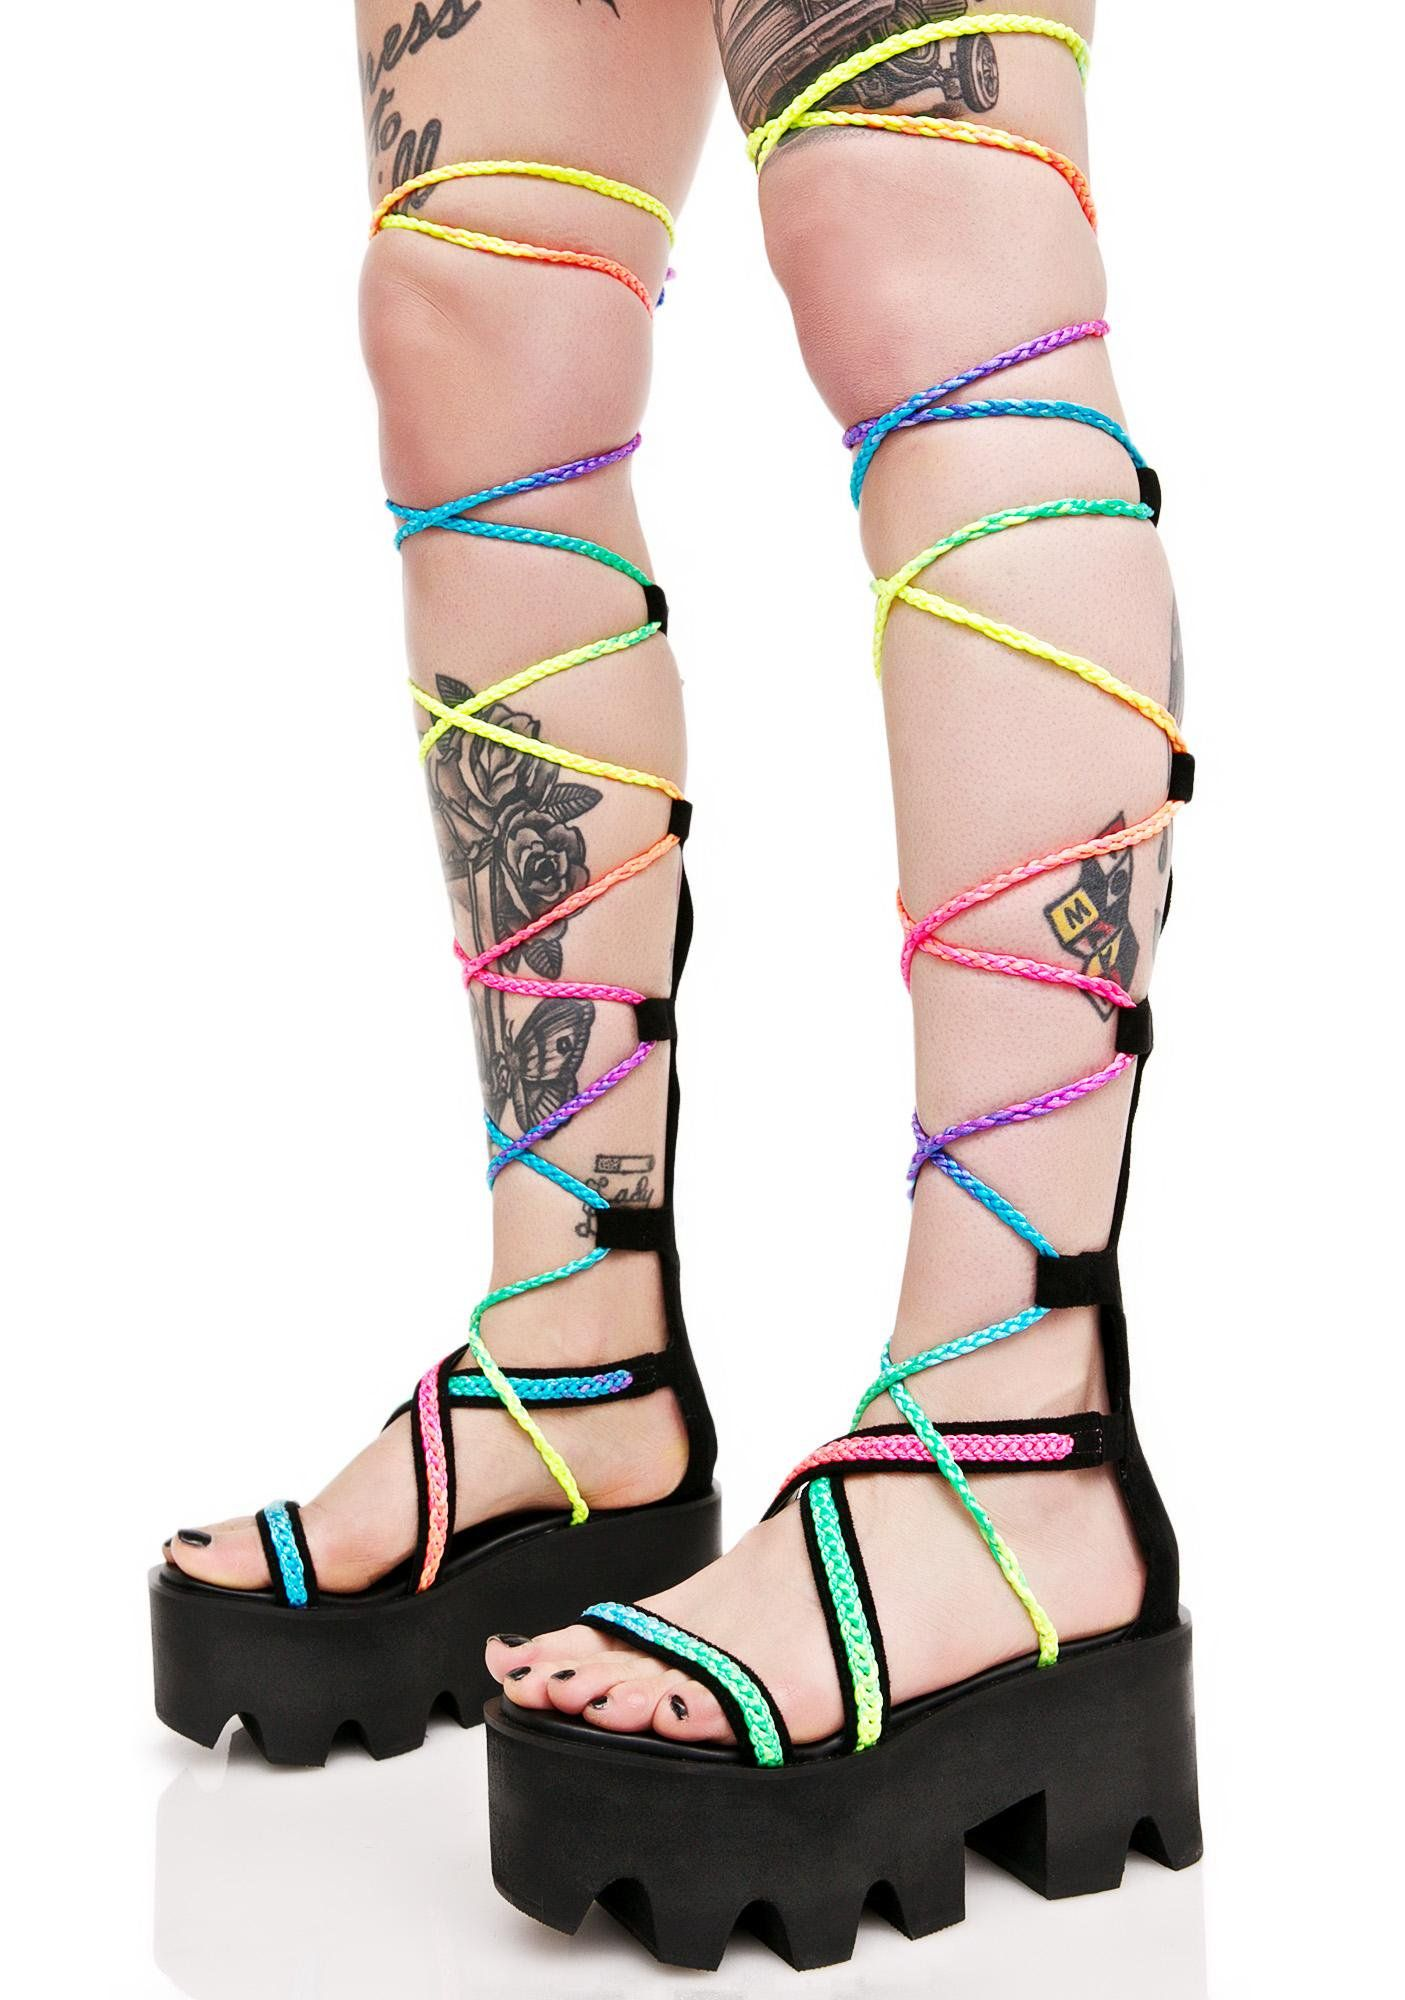 Endless Summer Platforms | Festival shoes, Rainbow laces